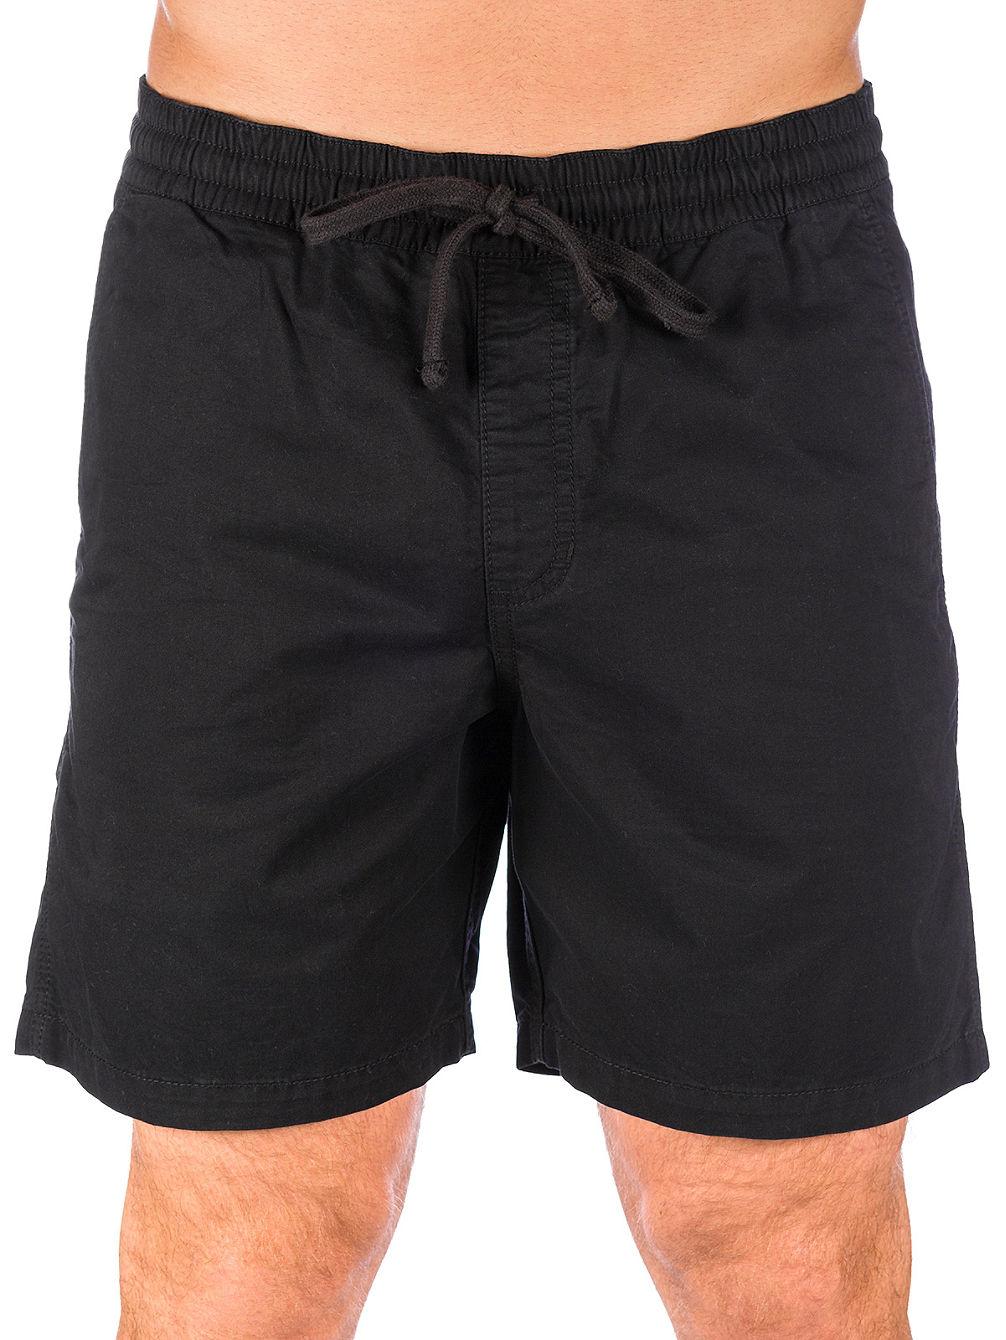 gran selección de d8ecd 4183a Range 18 Pantalones Cortos